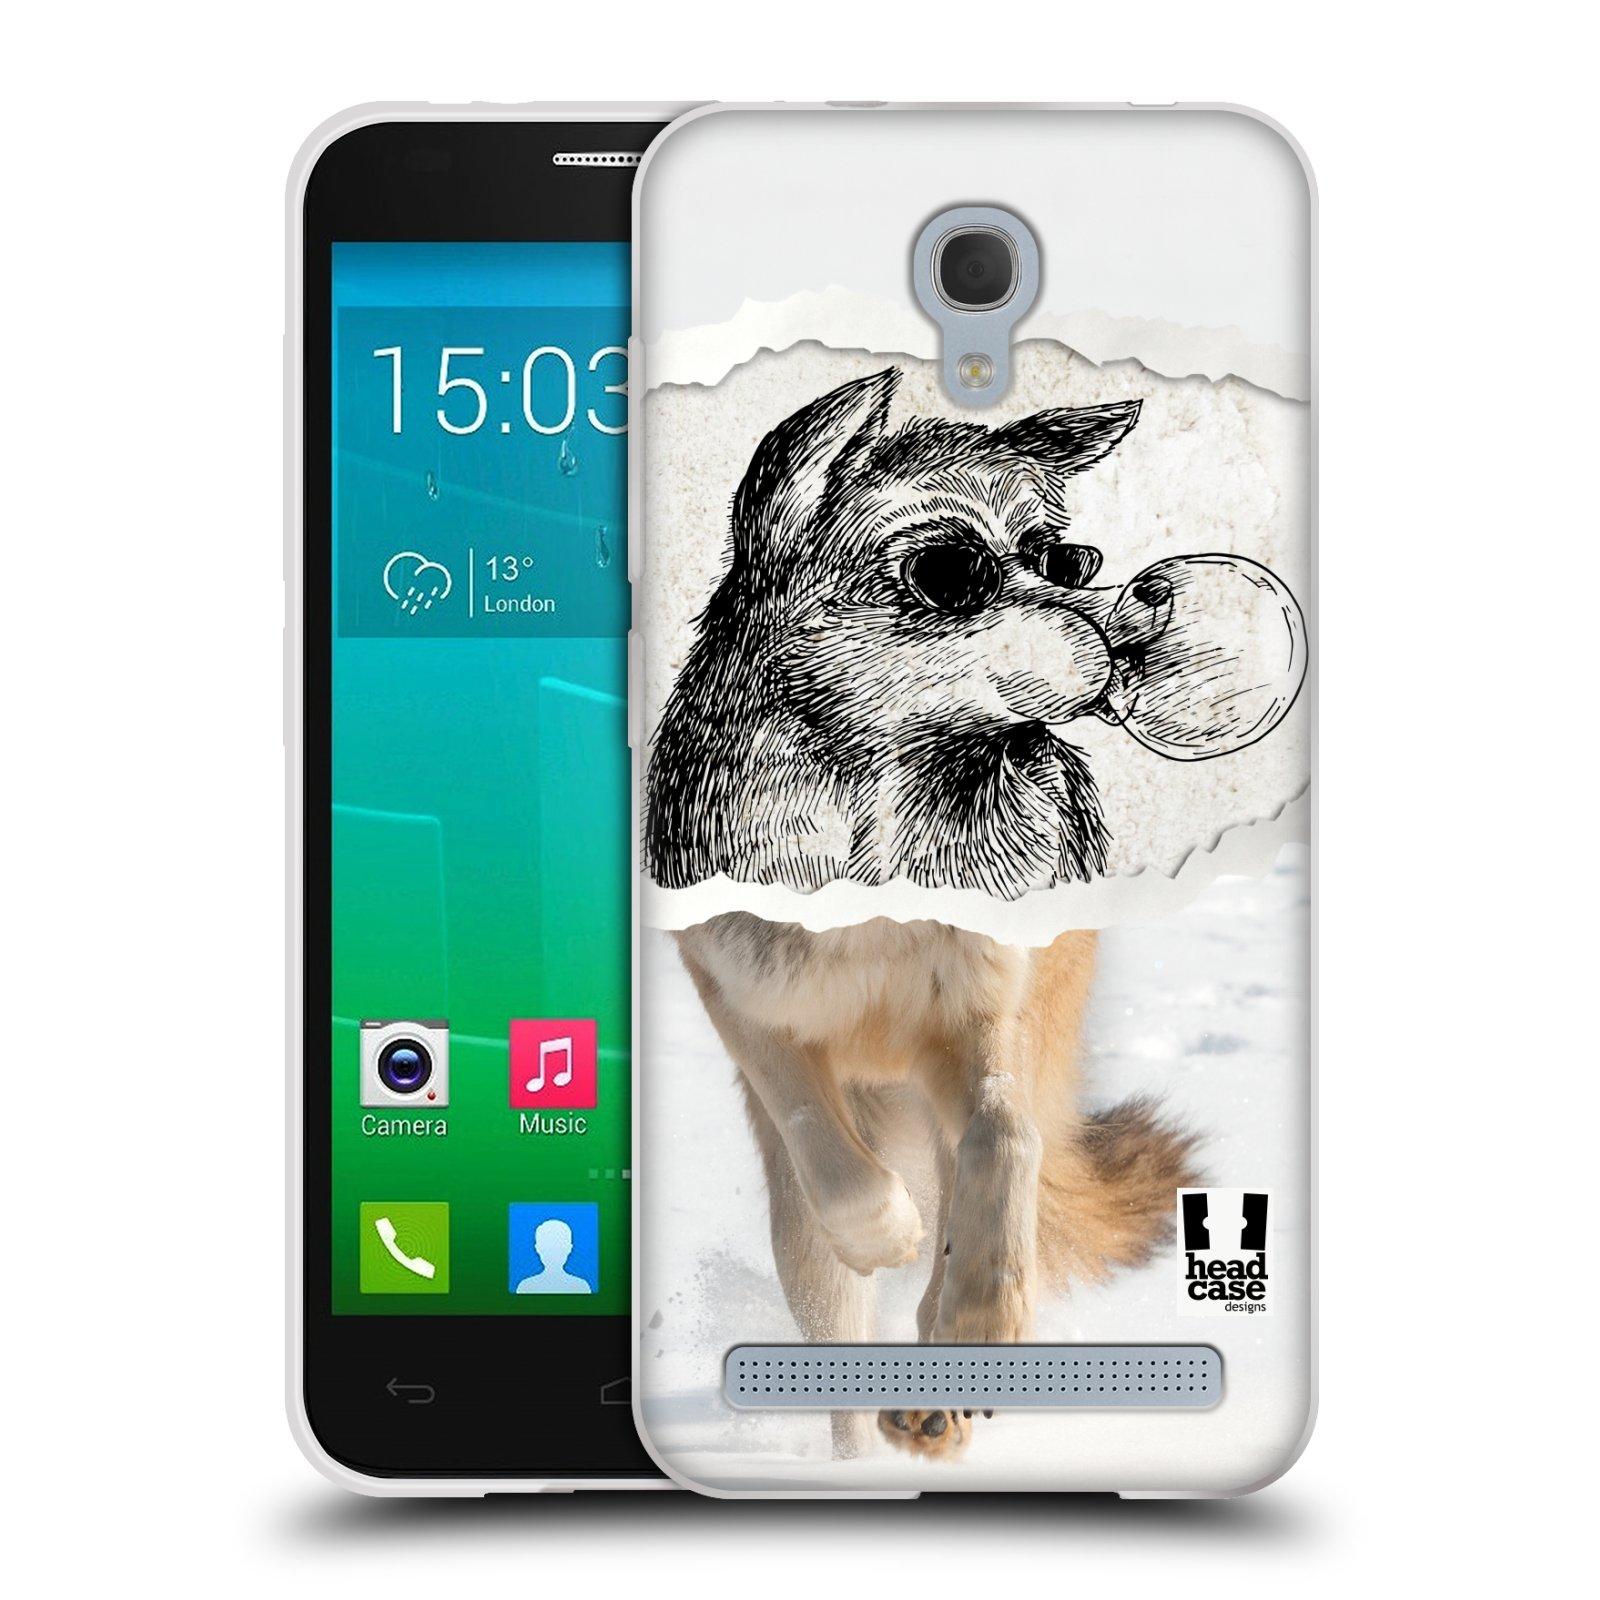 HEAD CASE silikonový obal na mobil Alcatel Idol 2 MINI S 6036Y vzor zvířata koláž vlk pohodář